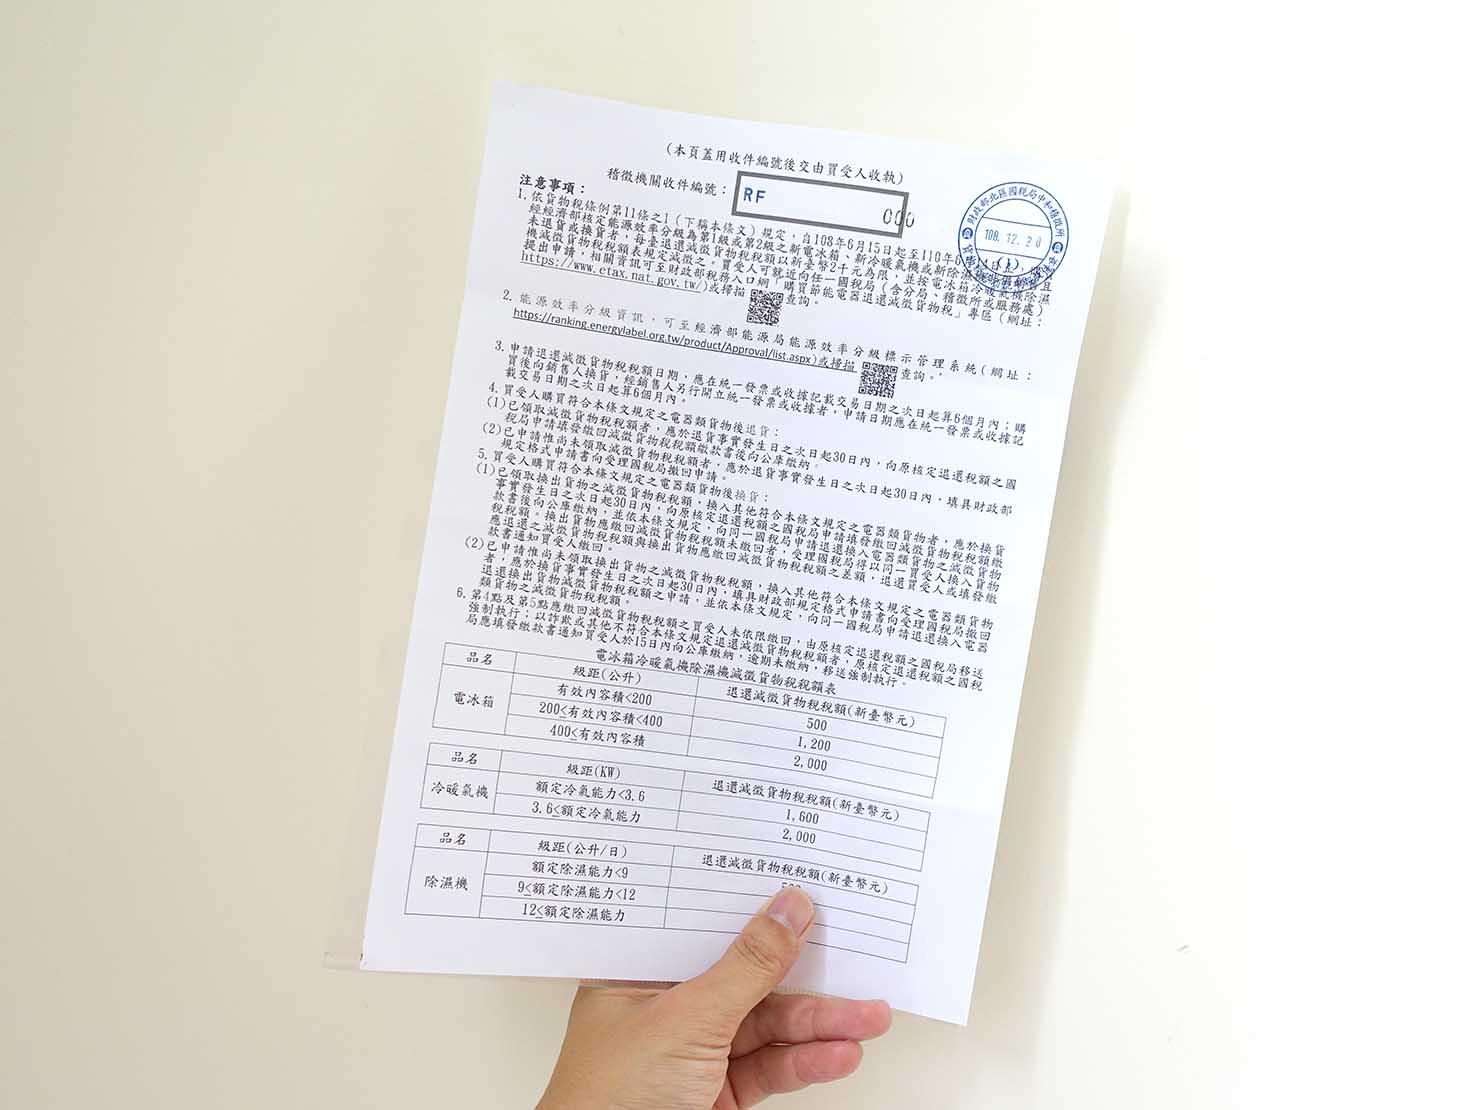 台湾の省エネ家電減税申請の領収書